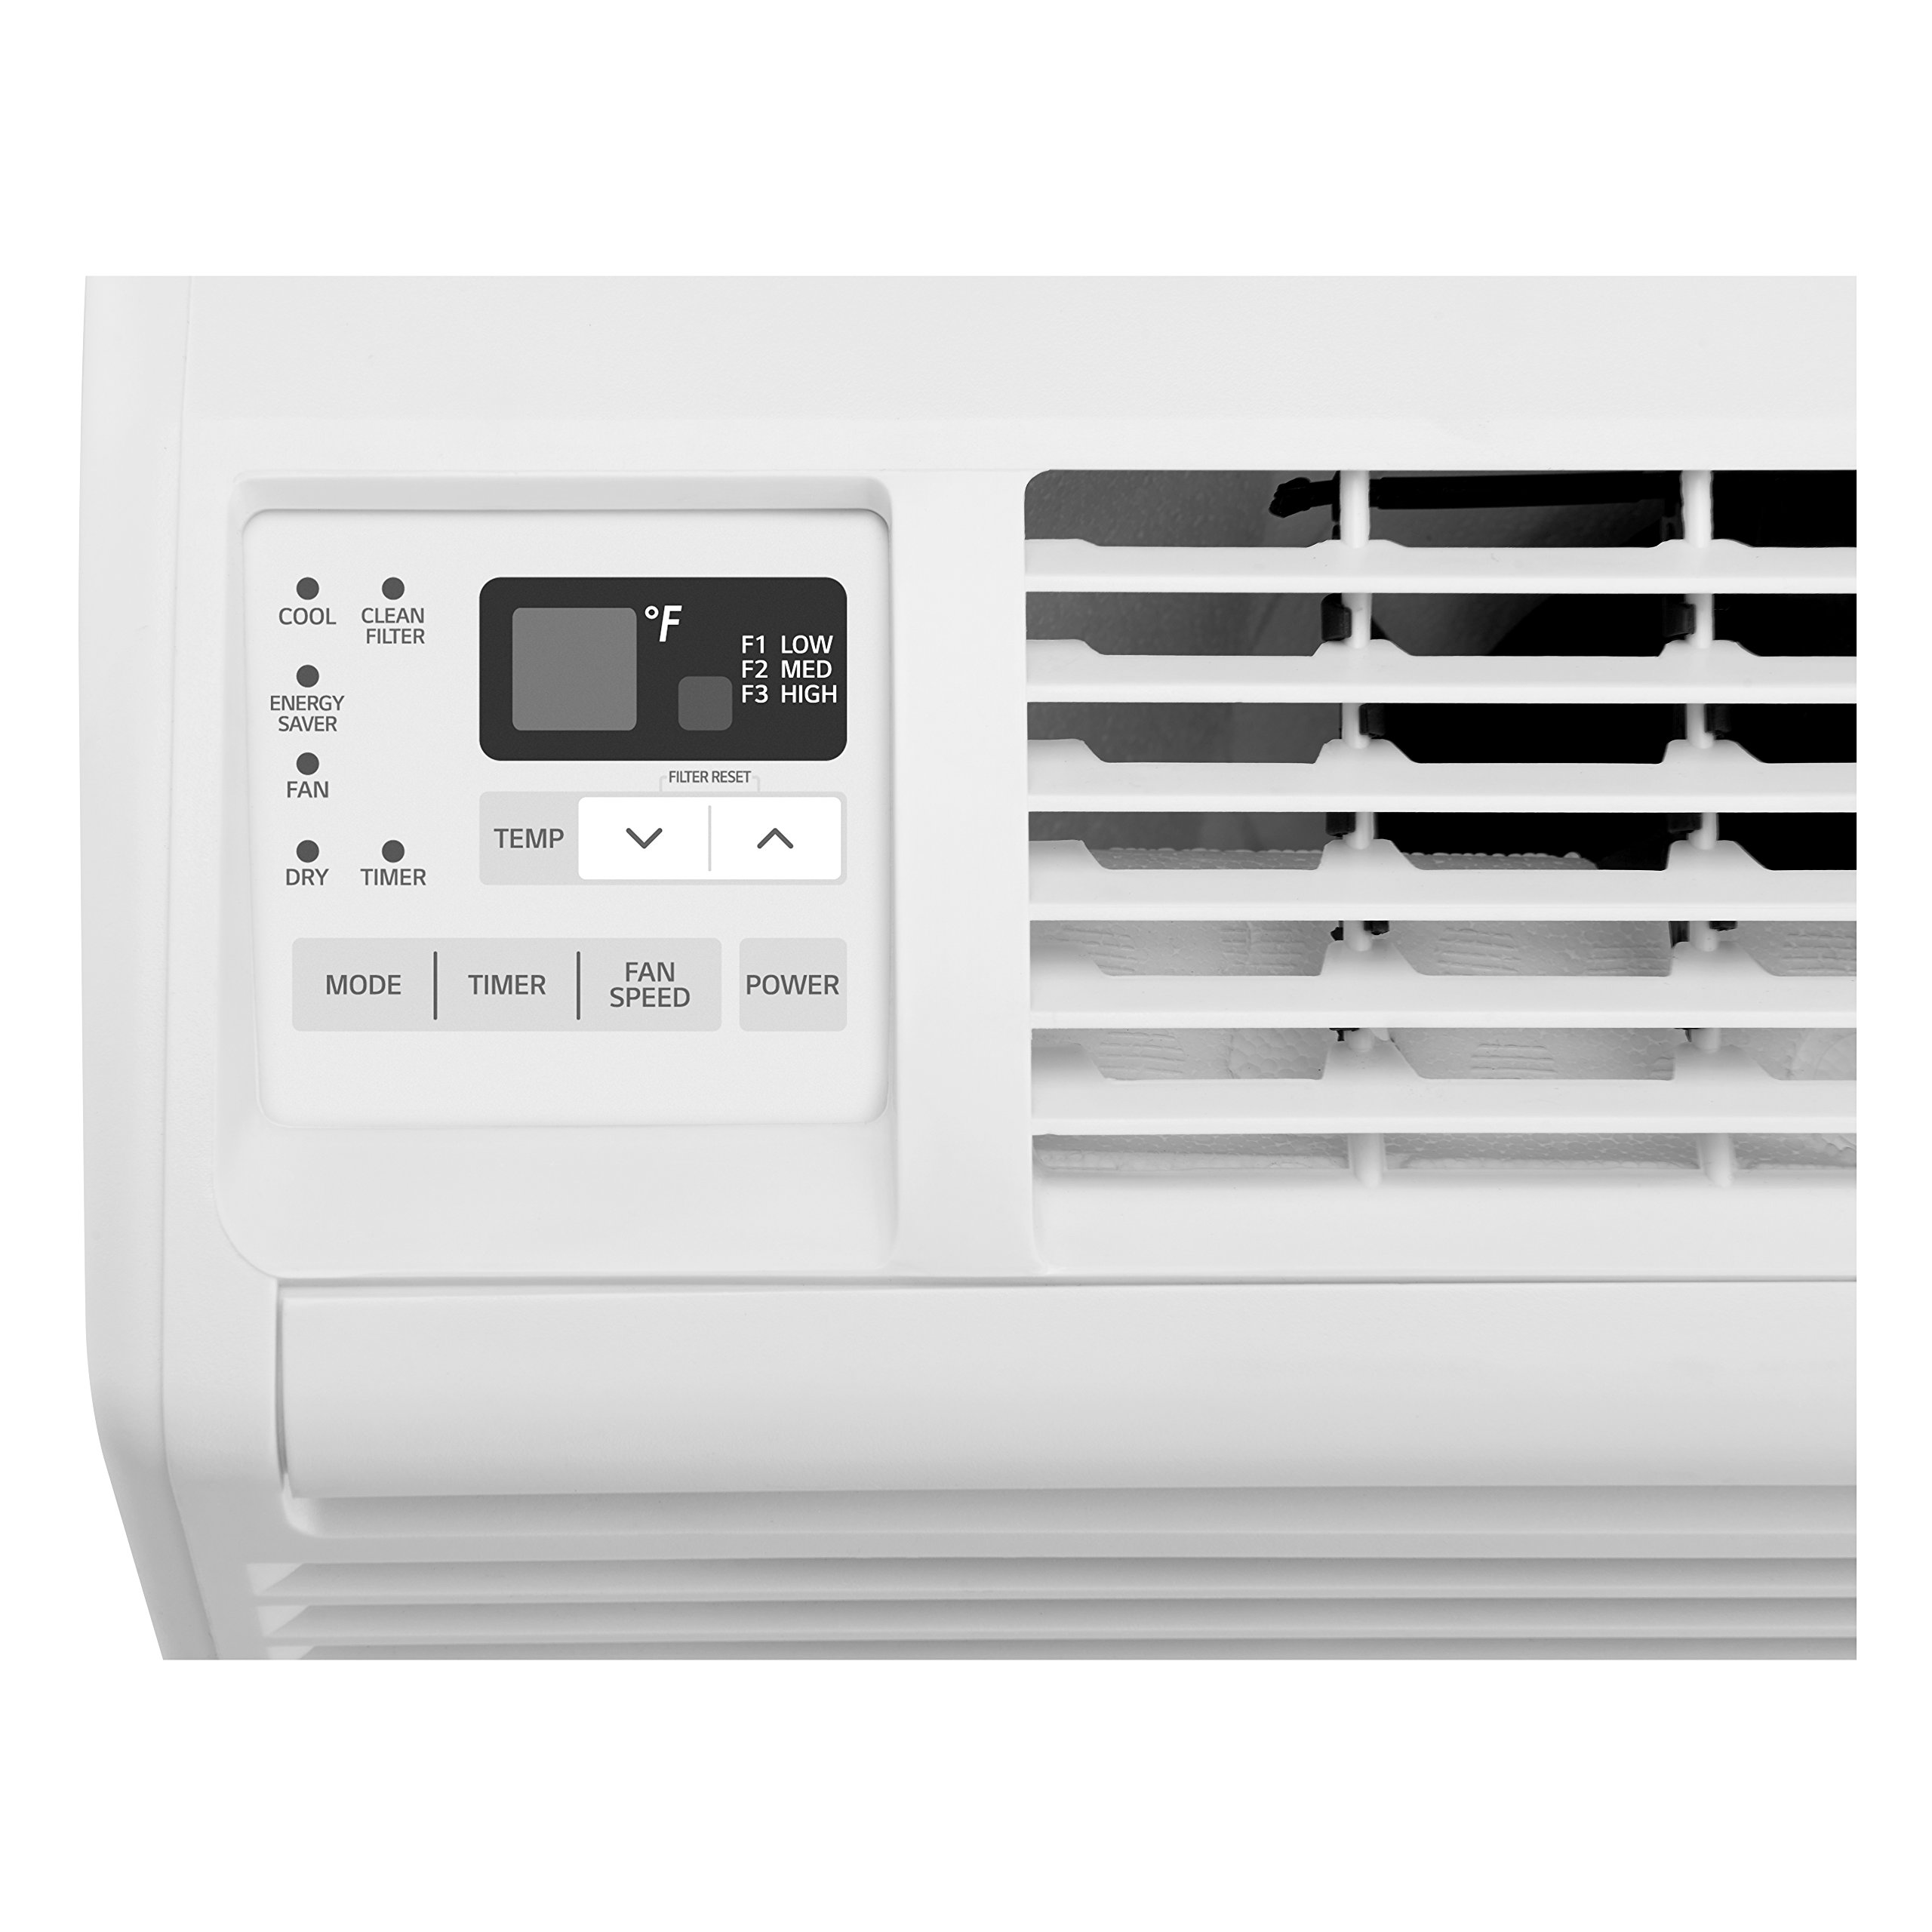 LG LW6017R 6,000 BTU 115V Window Air Conditioner by LG (Image #4)